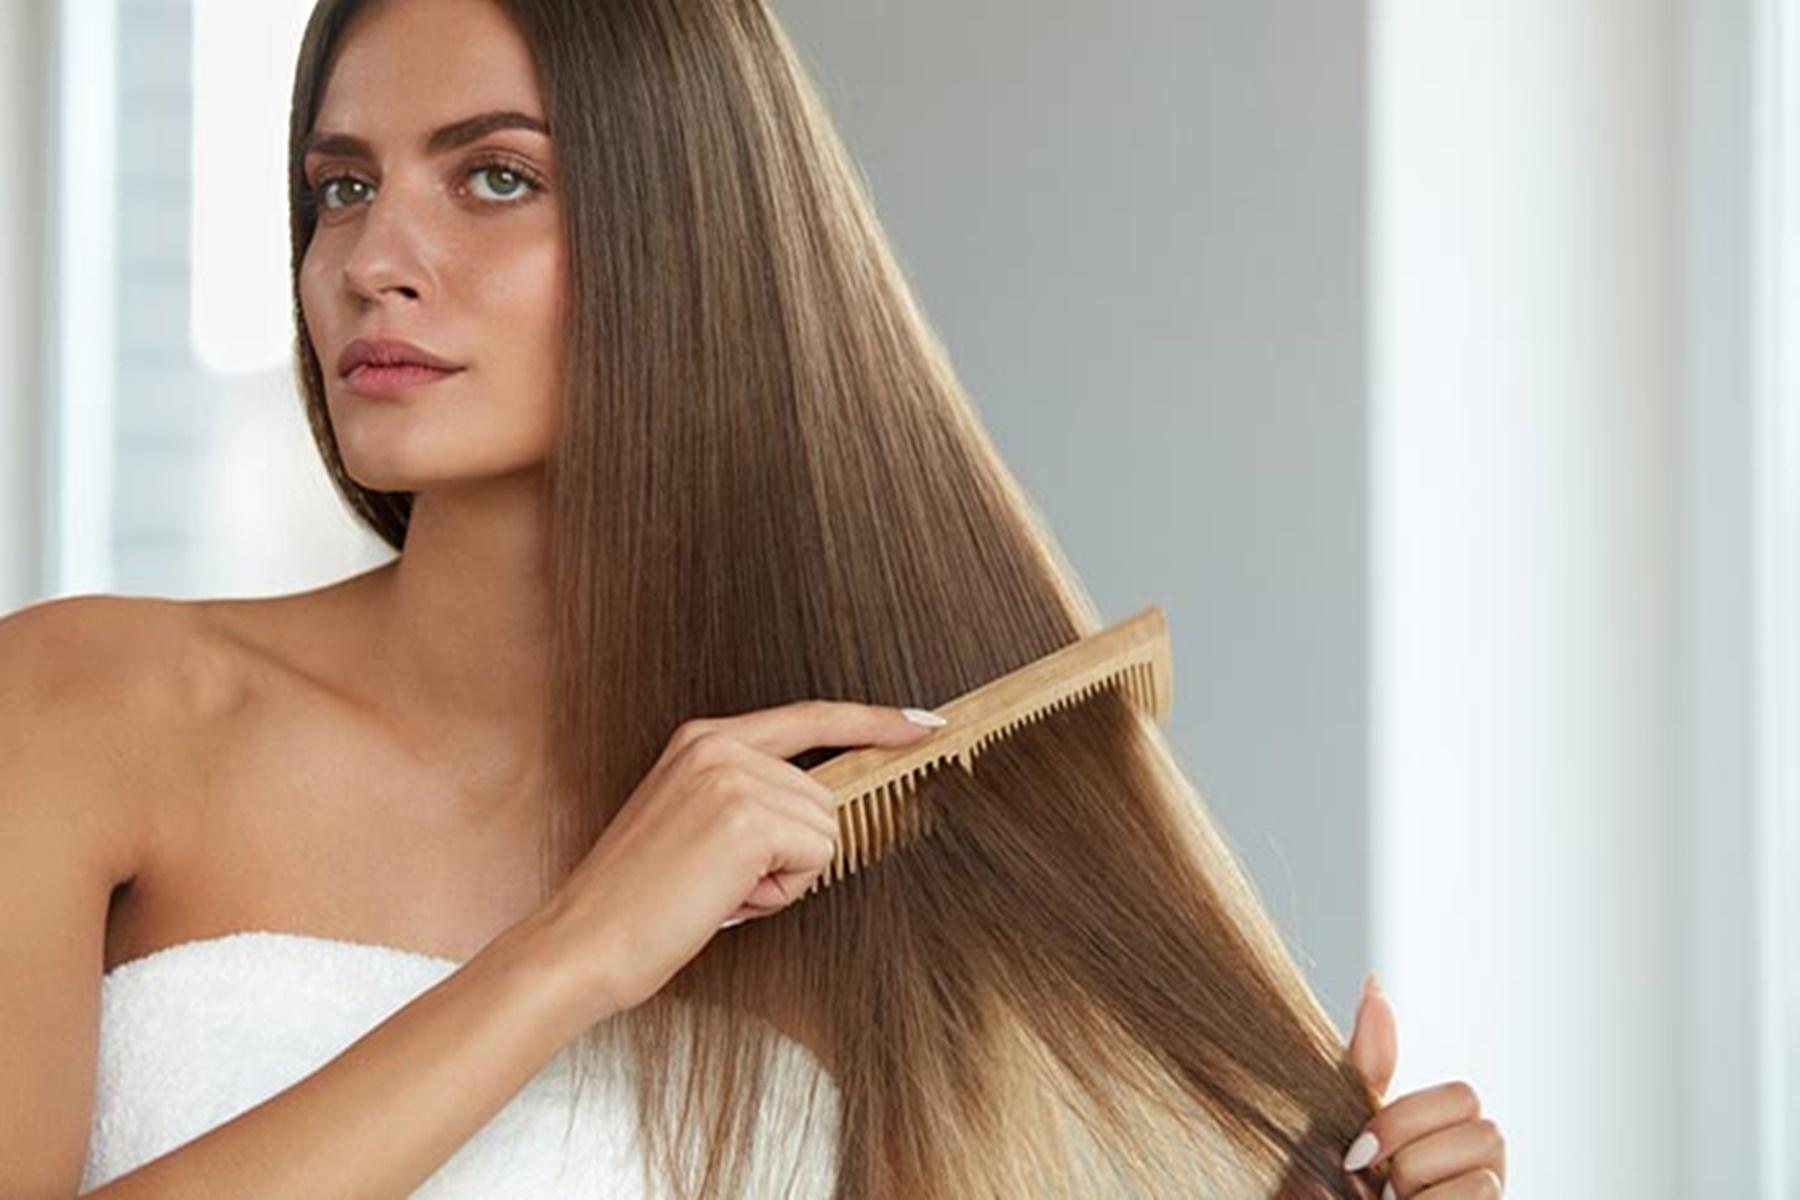 Σαμπουάν μαλλιά: Έτσι θα βρείτε αυτό που σας ταιριάζει